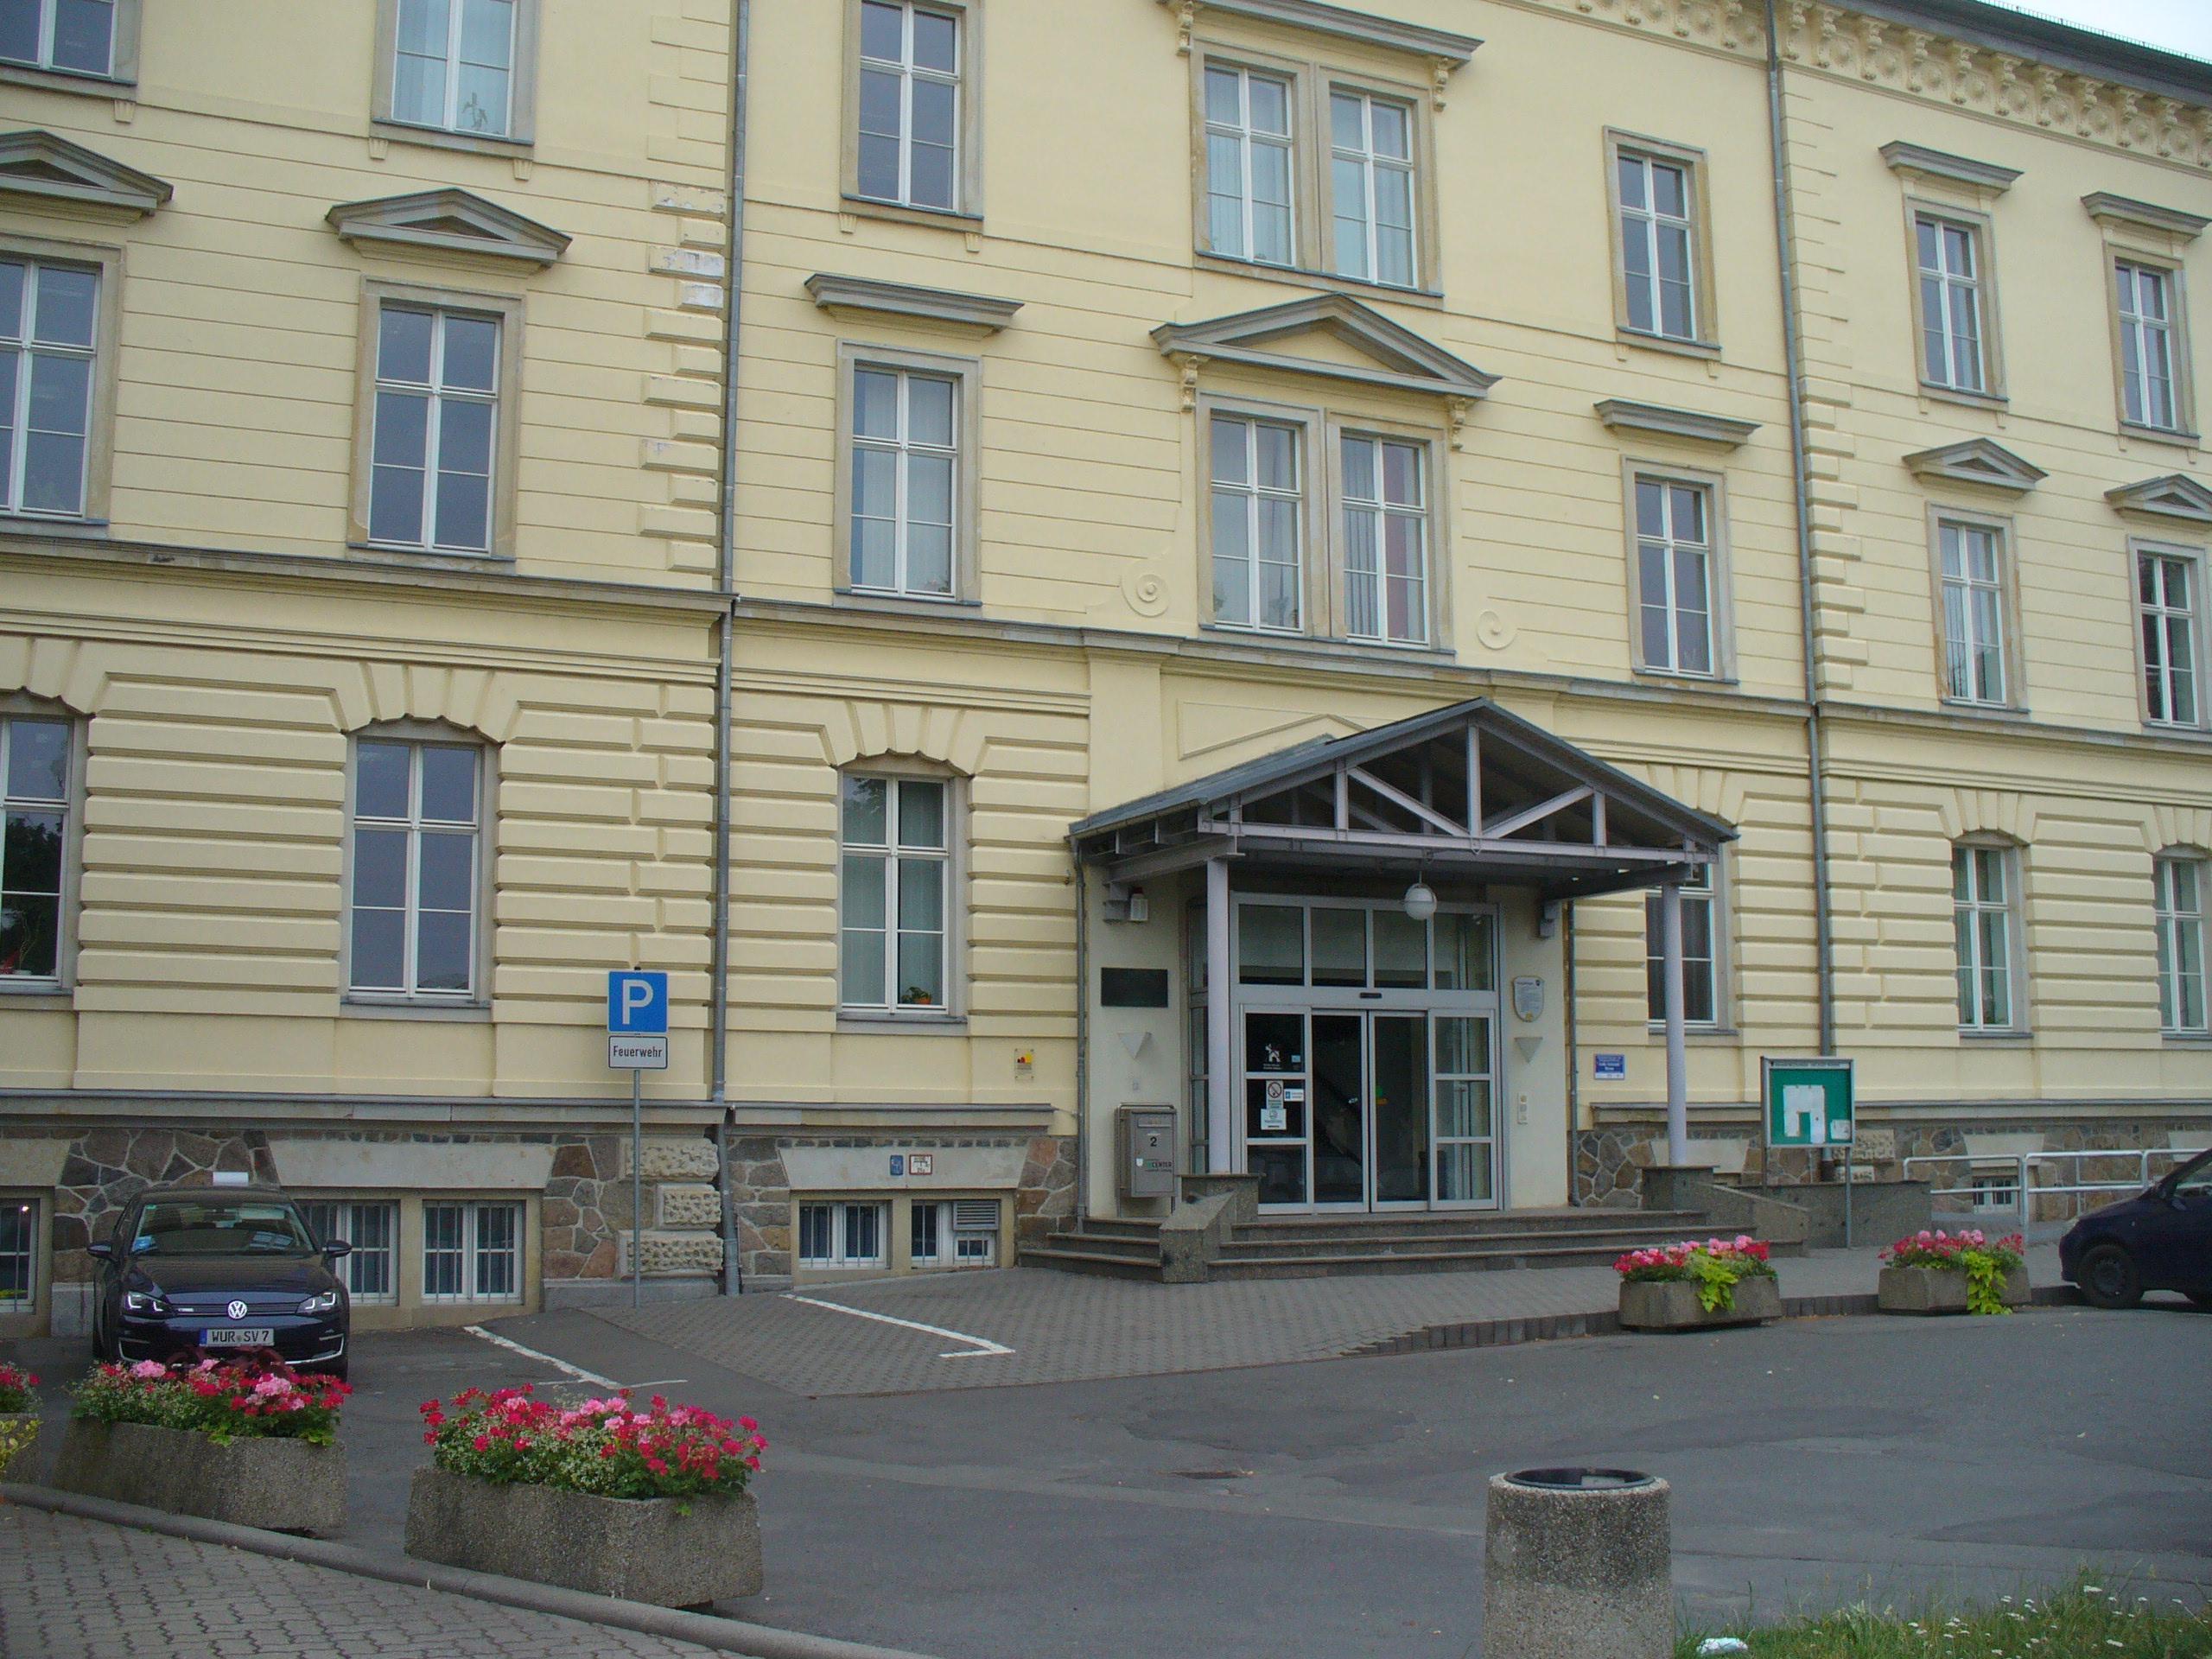 Kleingarten-Vereinsvorstand schreibt offenen Brief an Wurzener OBM